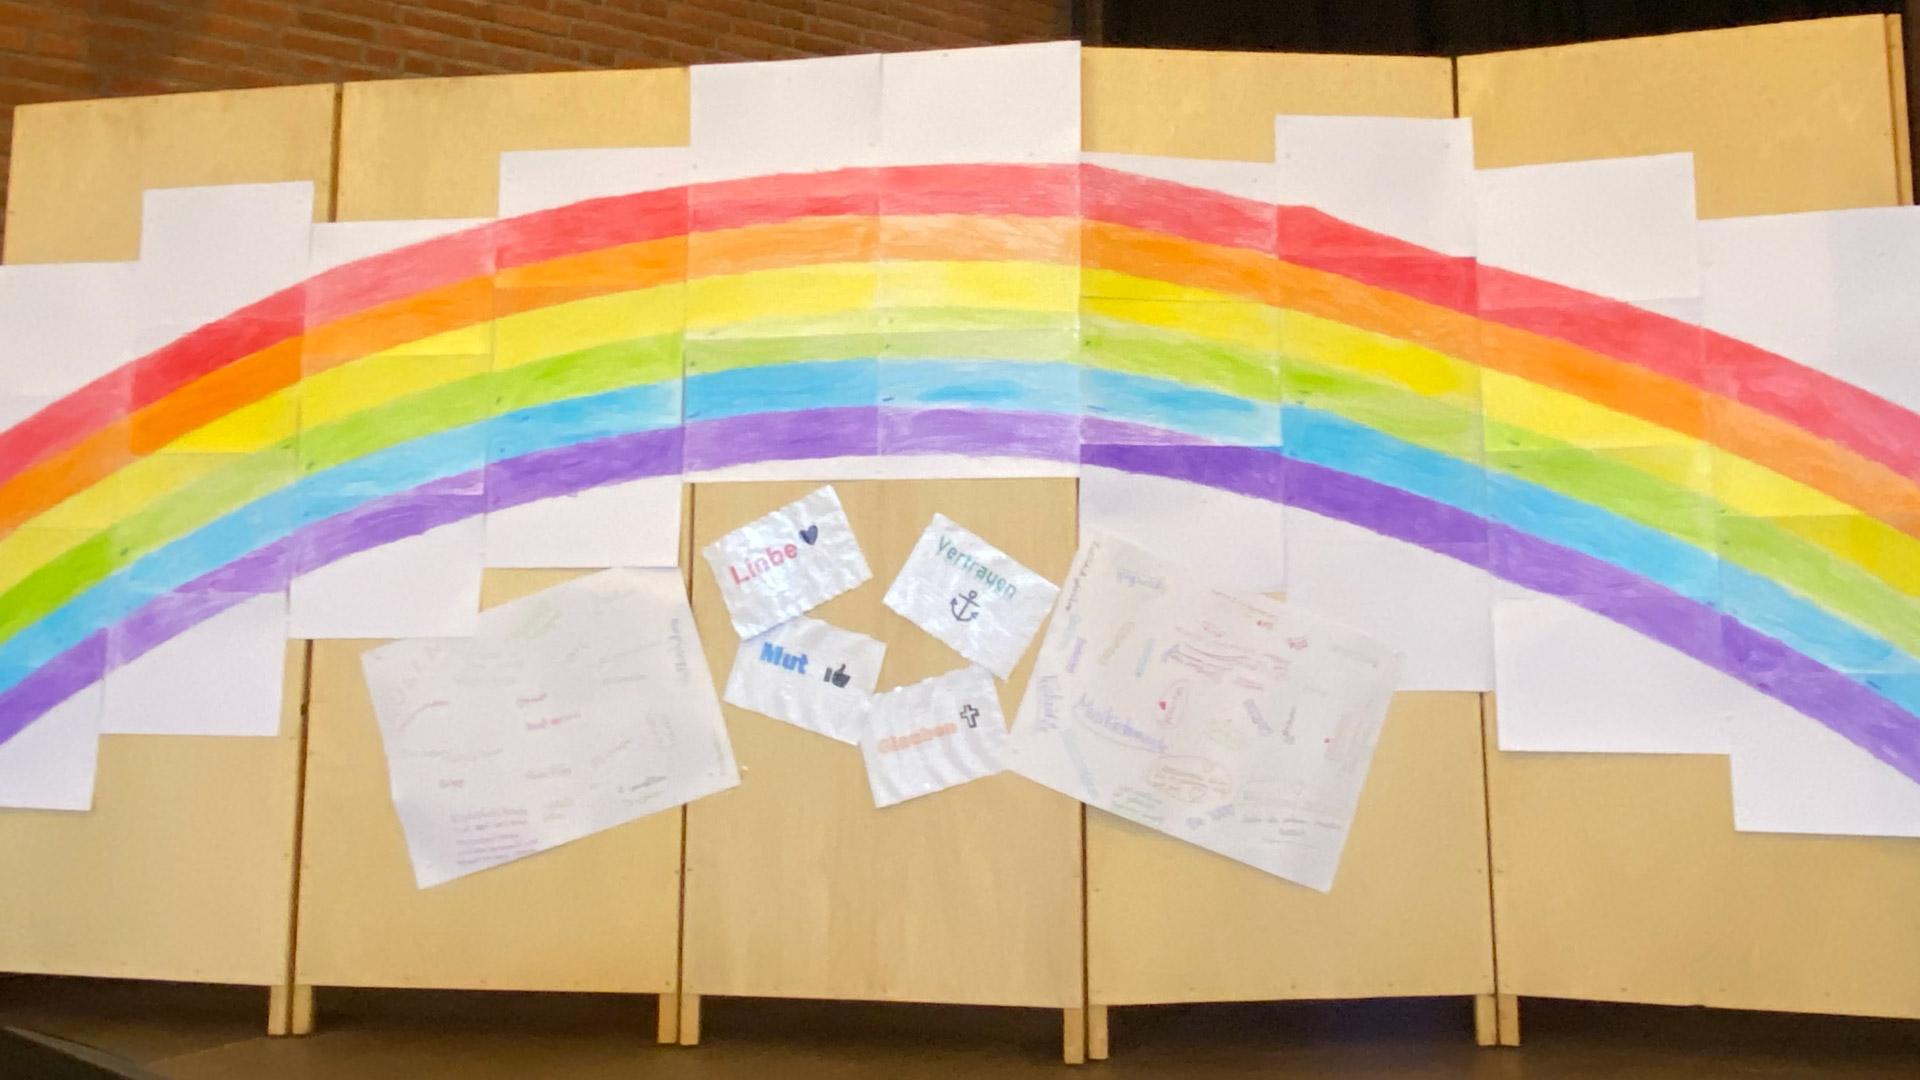 Schulgottesdienst Regenbogenschule | mittwochs, 8:15-9:00 Uhr